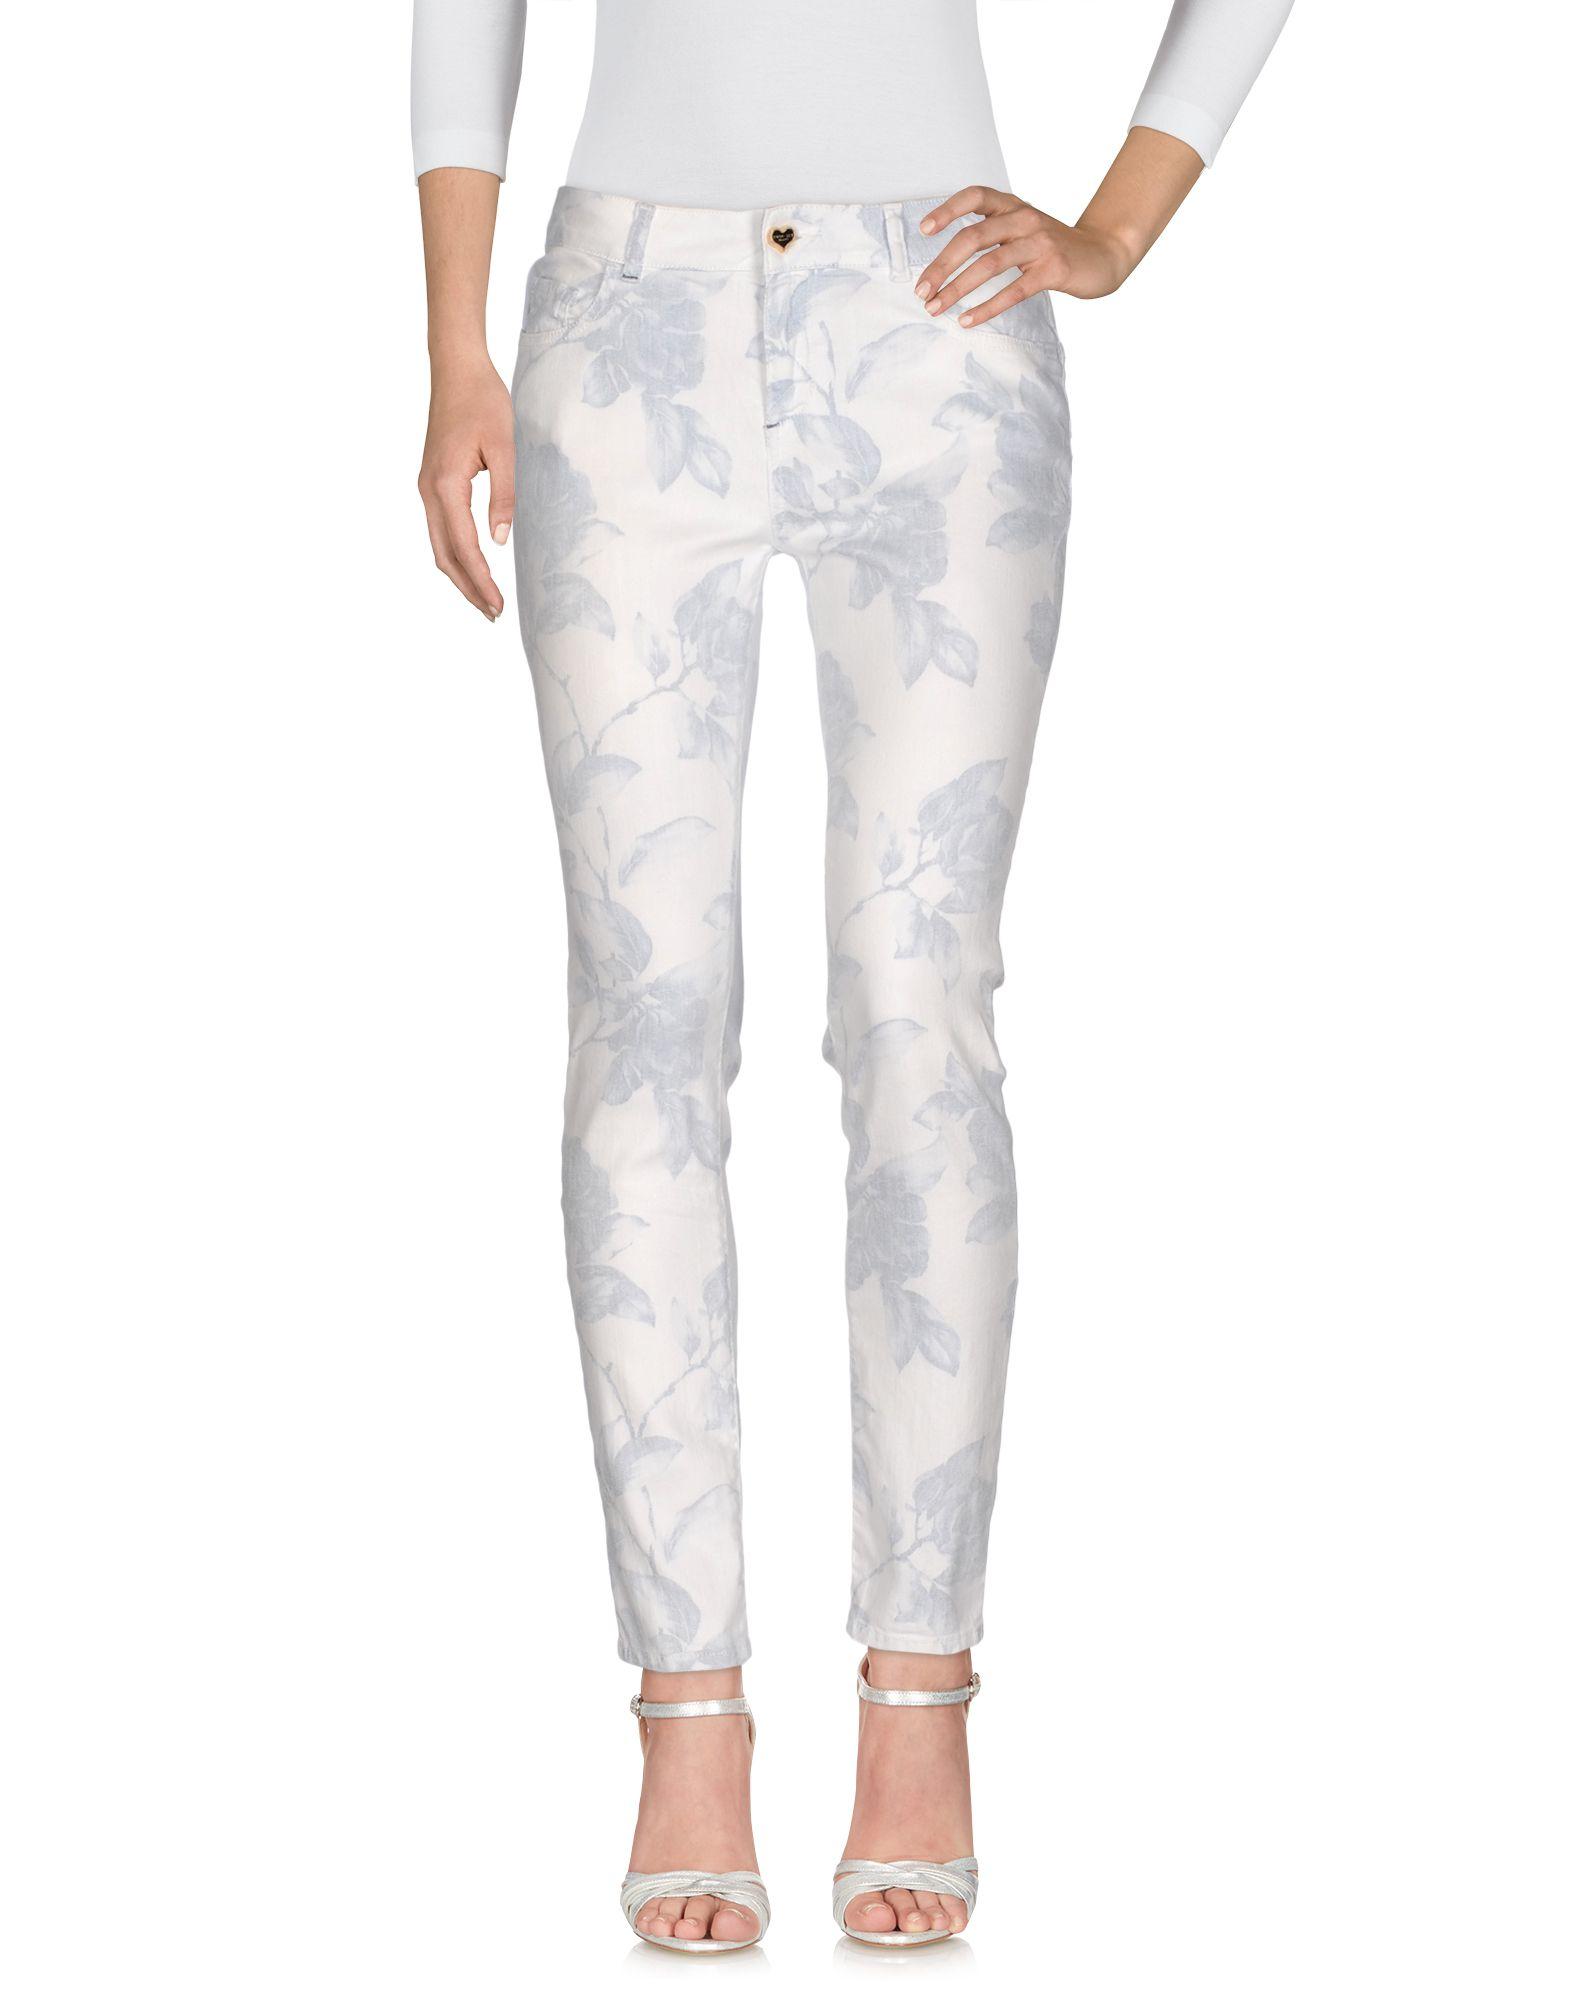 TWIN-SET JEANS Джинсовые брюки dismero джинсовые брюки